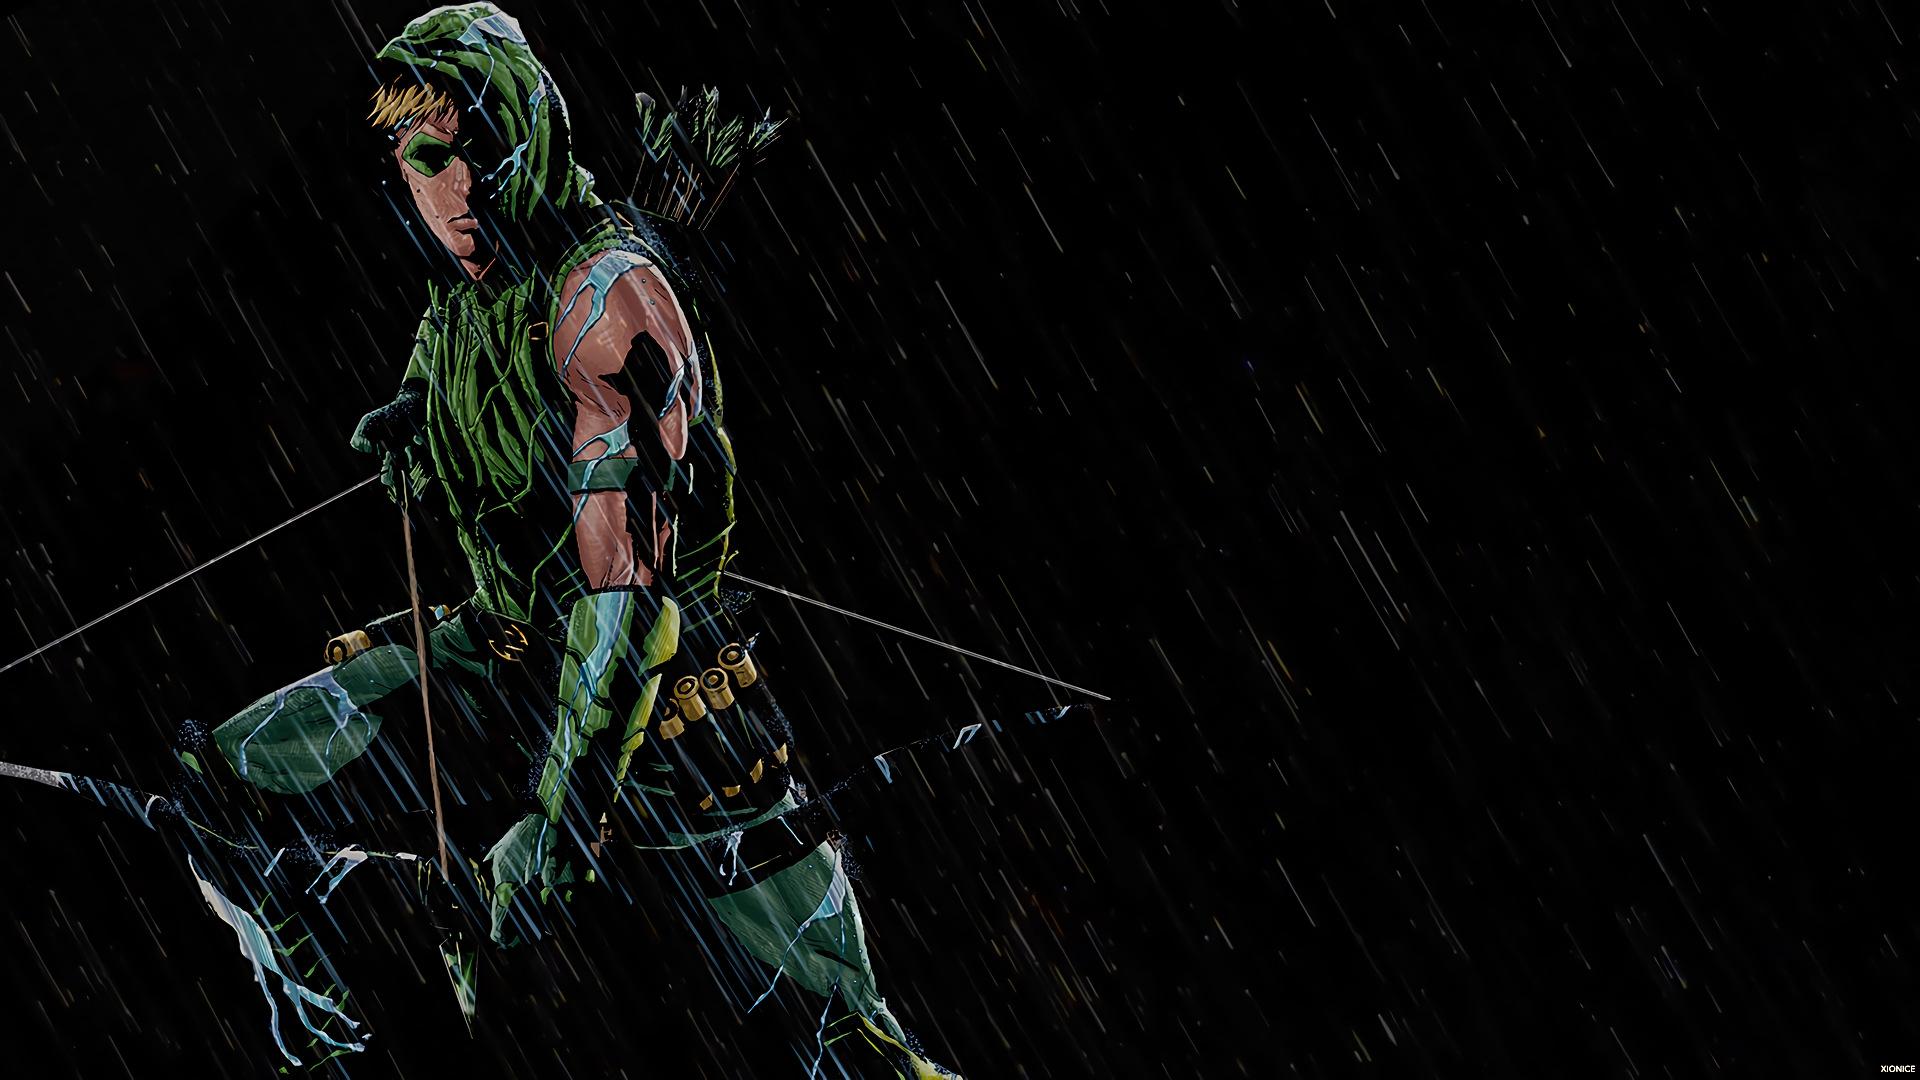 wallpaper : dc comics, green arrow 1920x1080 - 6itachi9 - 1173040